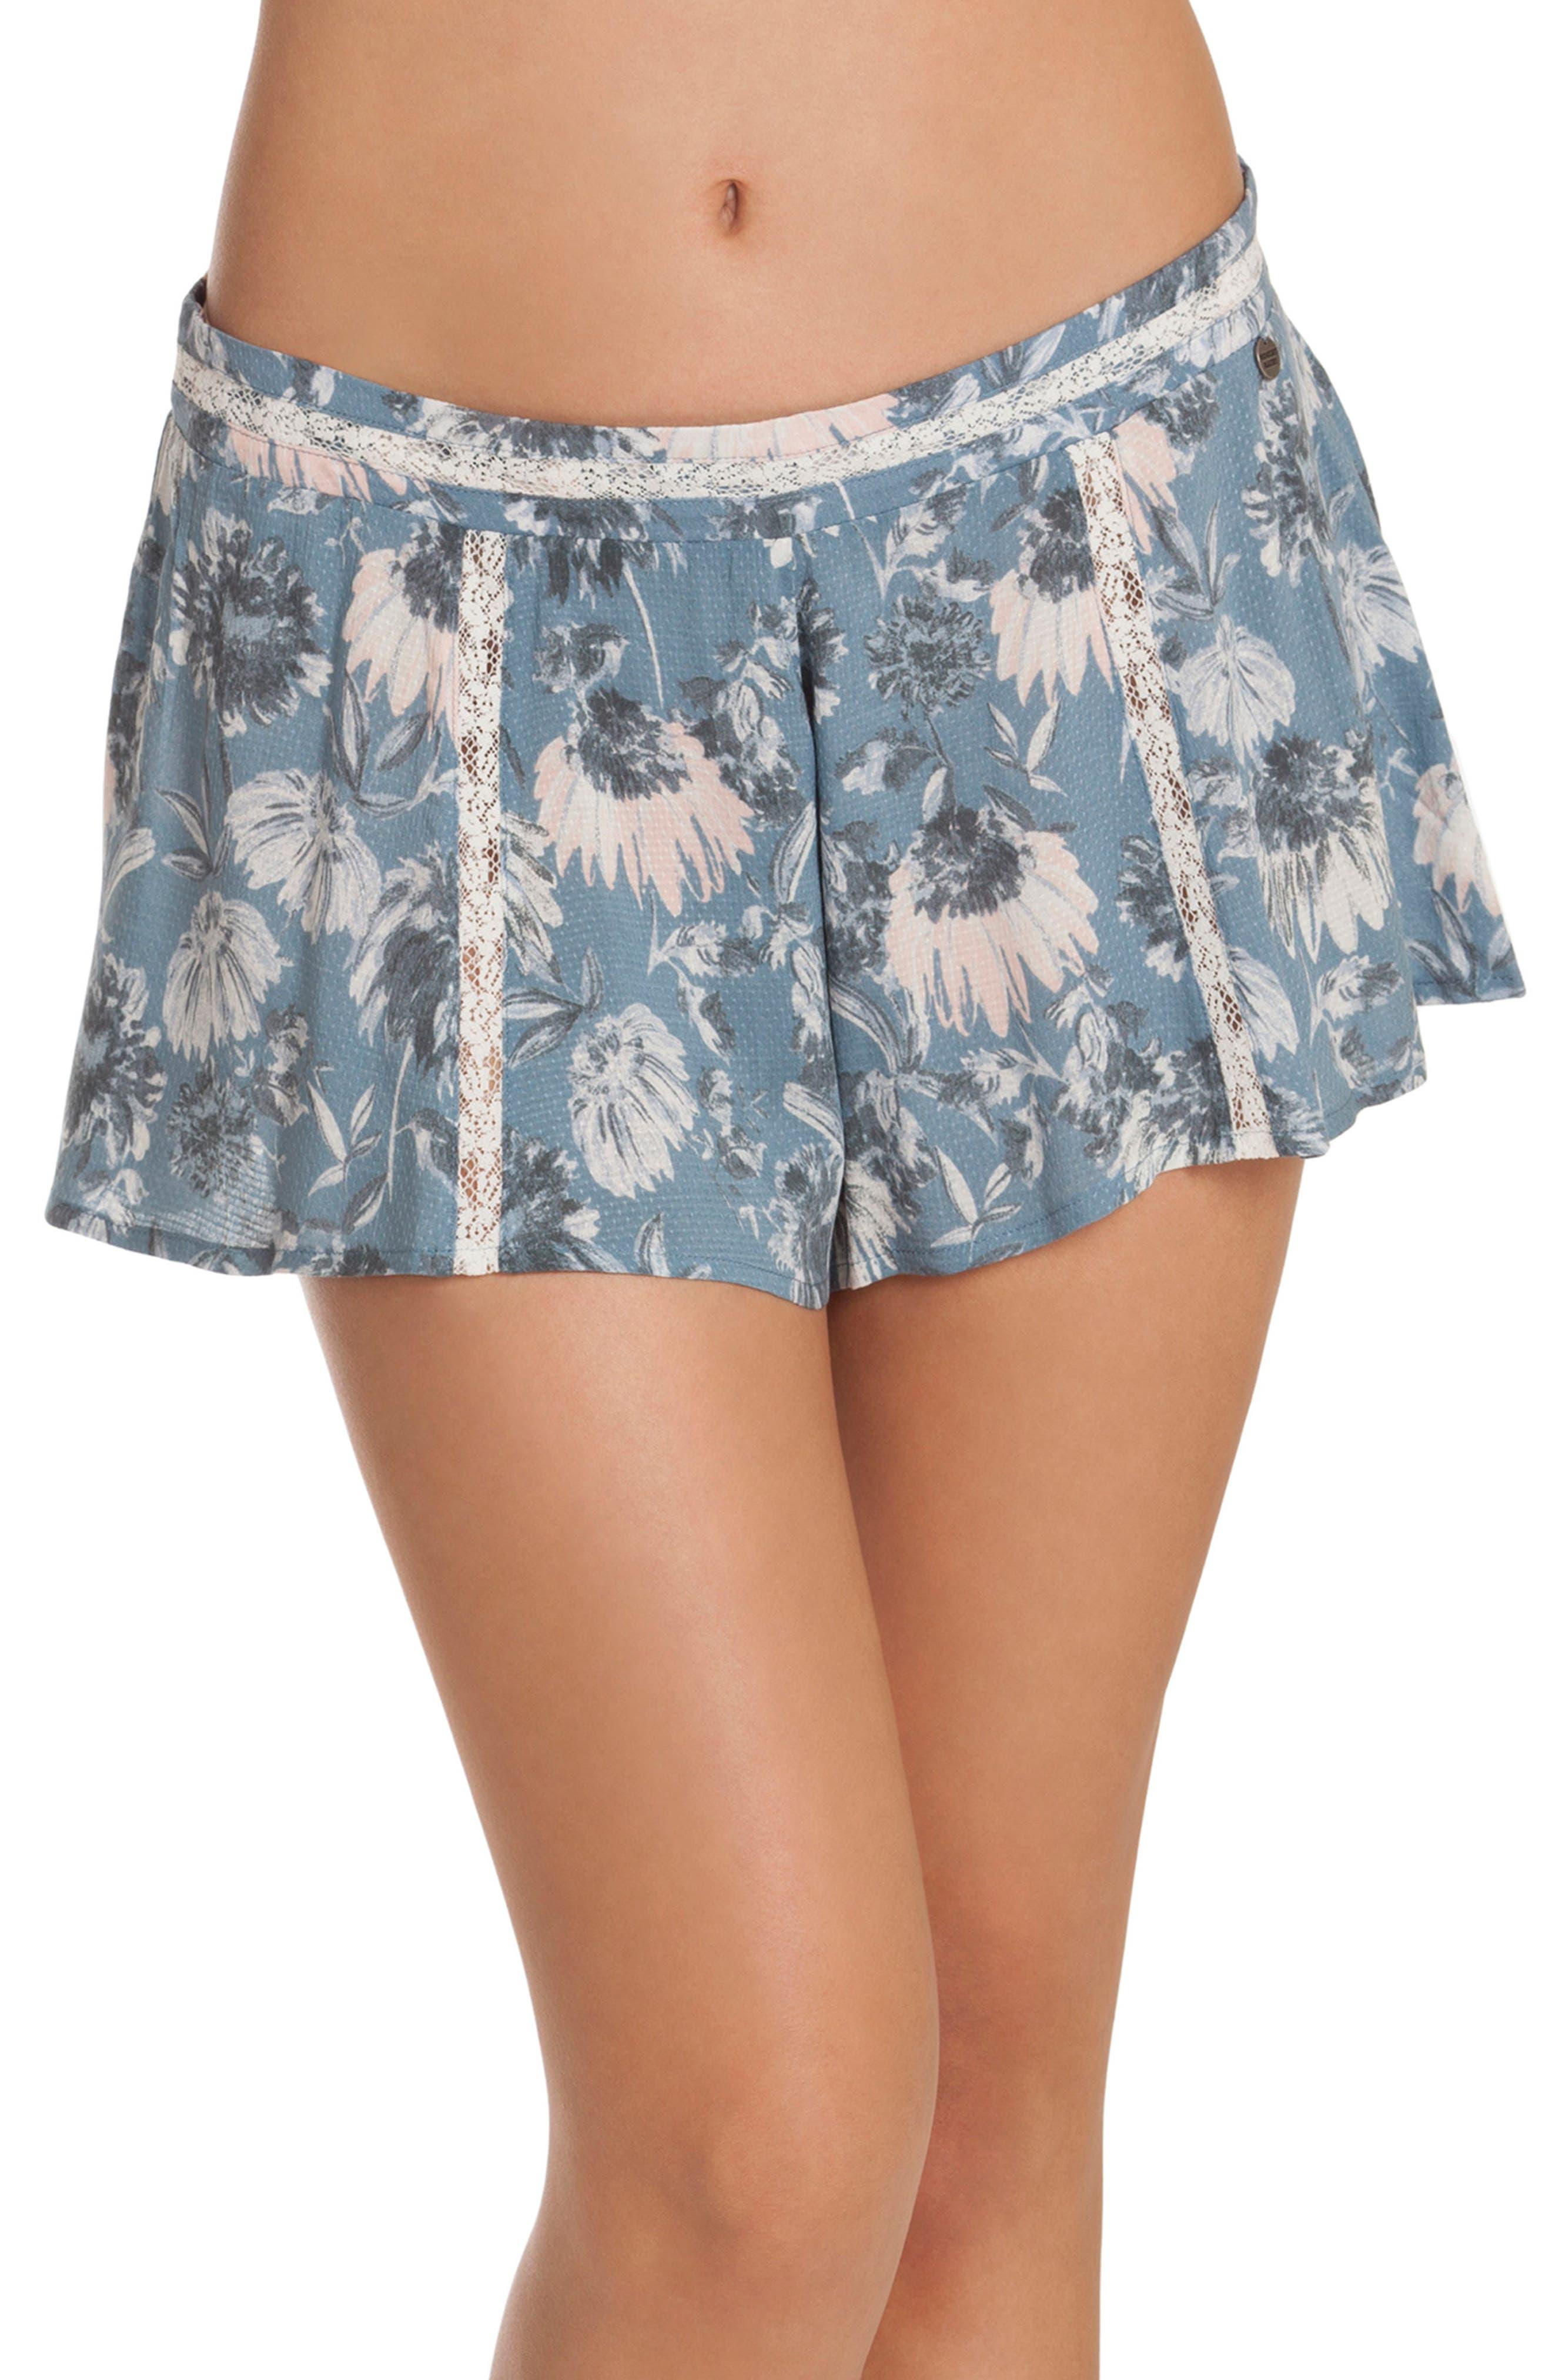 Floral Pajama Shorts,                             Main thumbnail 1, color,                             406